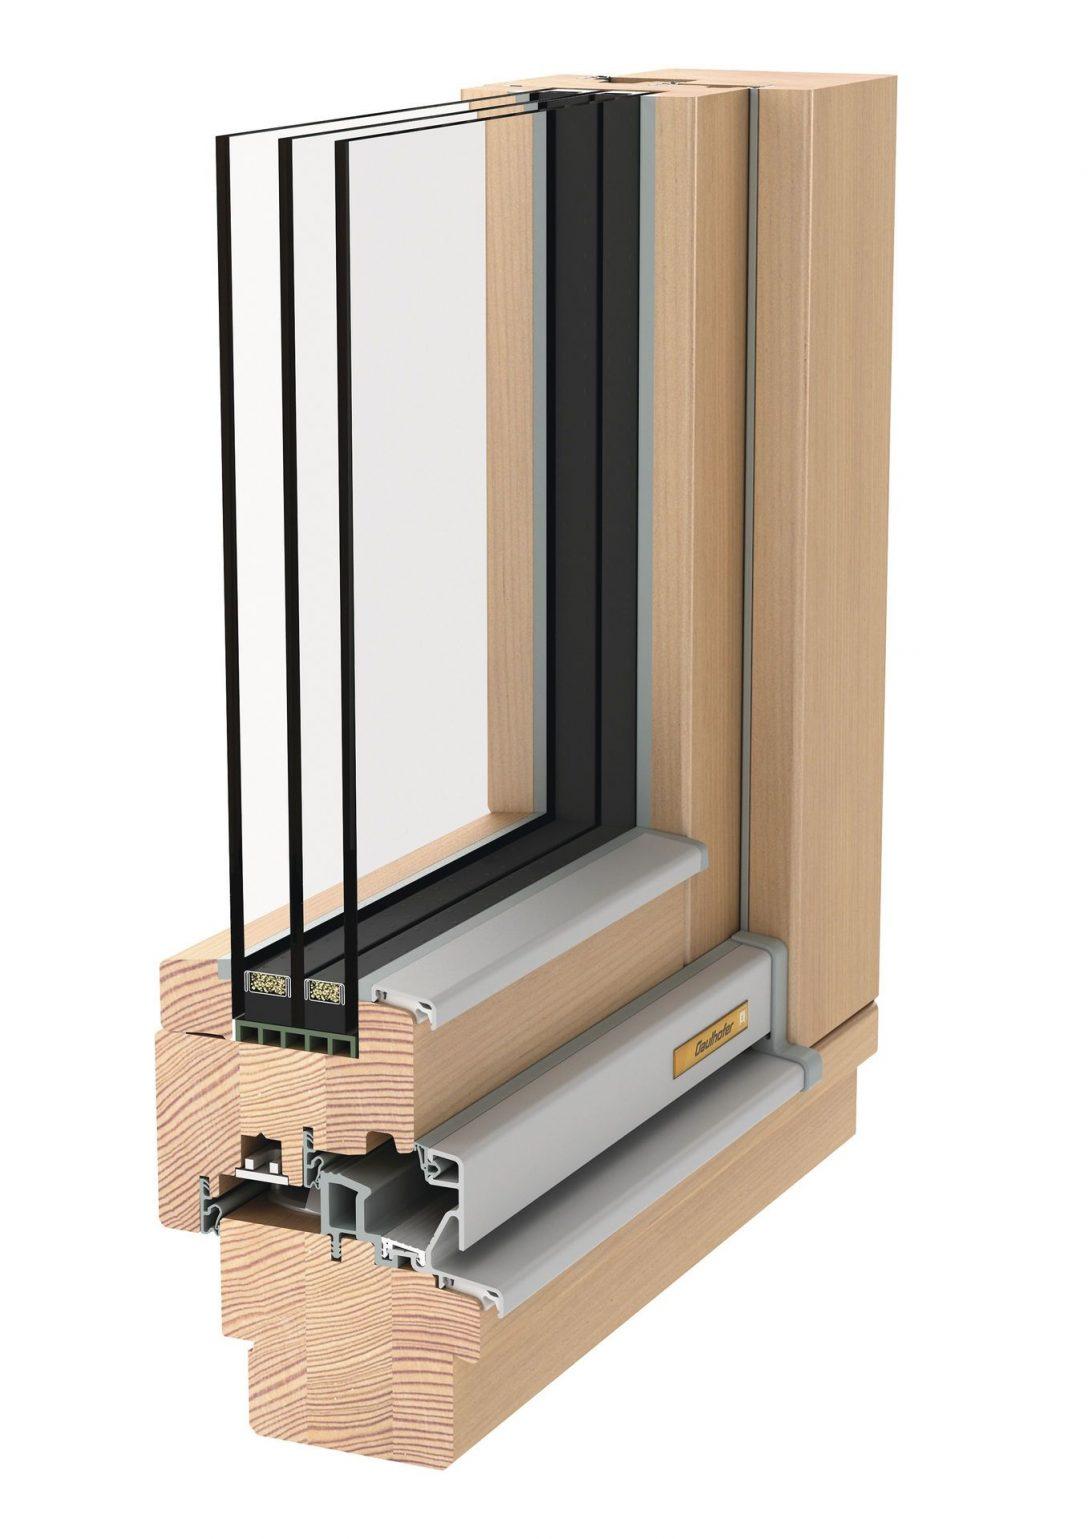 Large Size of Holz Alu Fenster Preise Aluminium Kosten Josko Preisliste Unilux Online Erfahrungen Pro M2 Preisunterschied Preis Leistung Qm Holz Alu Preisvergleich Aus Und Fenster Holz Alu Fenster Preise